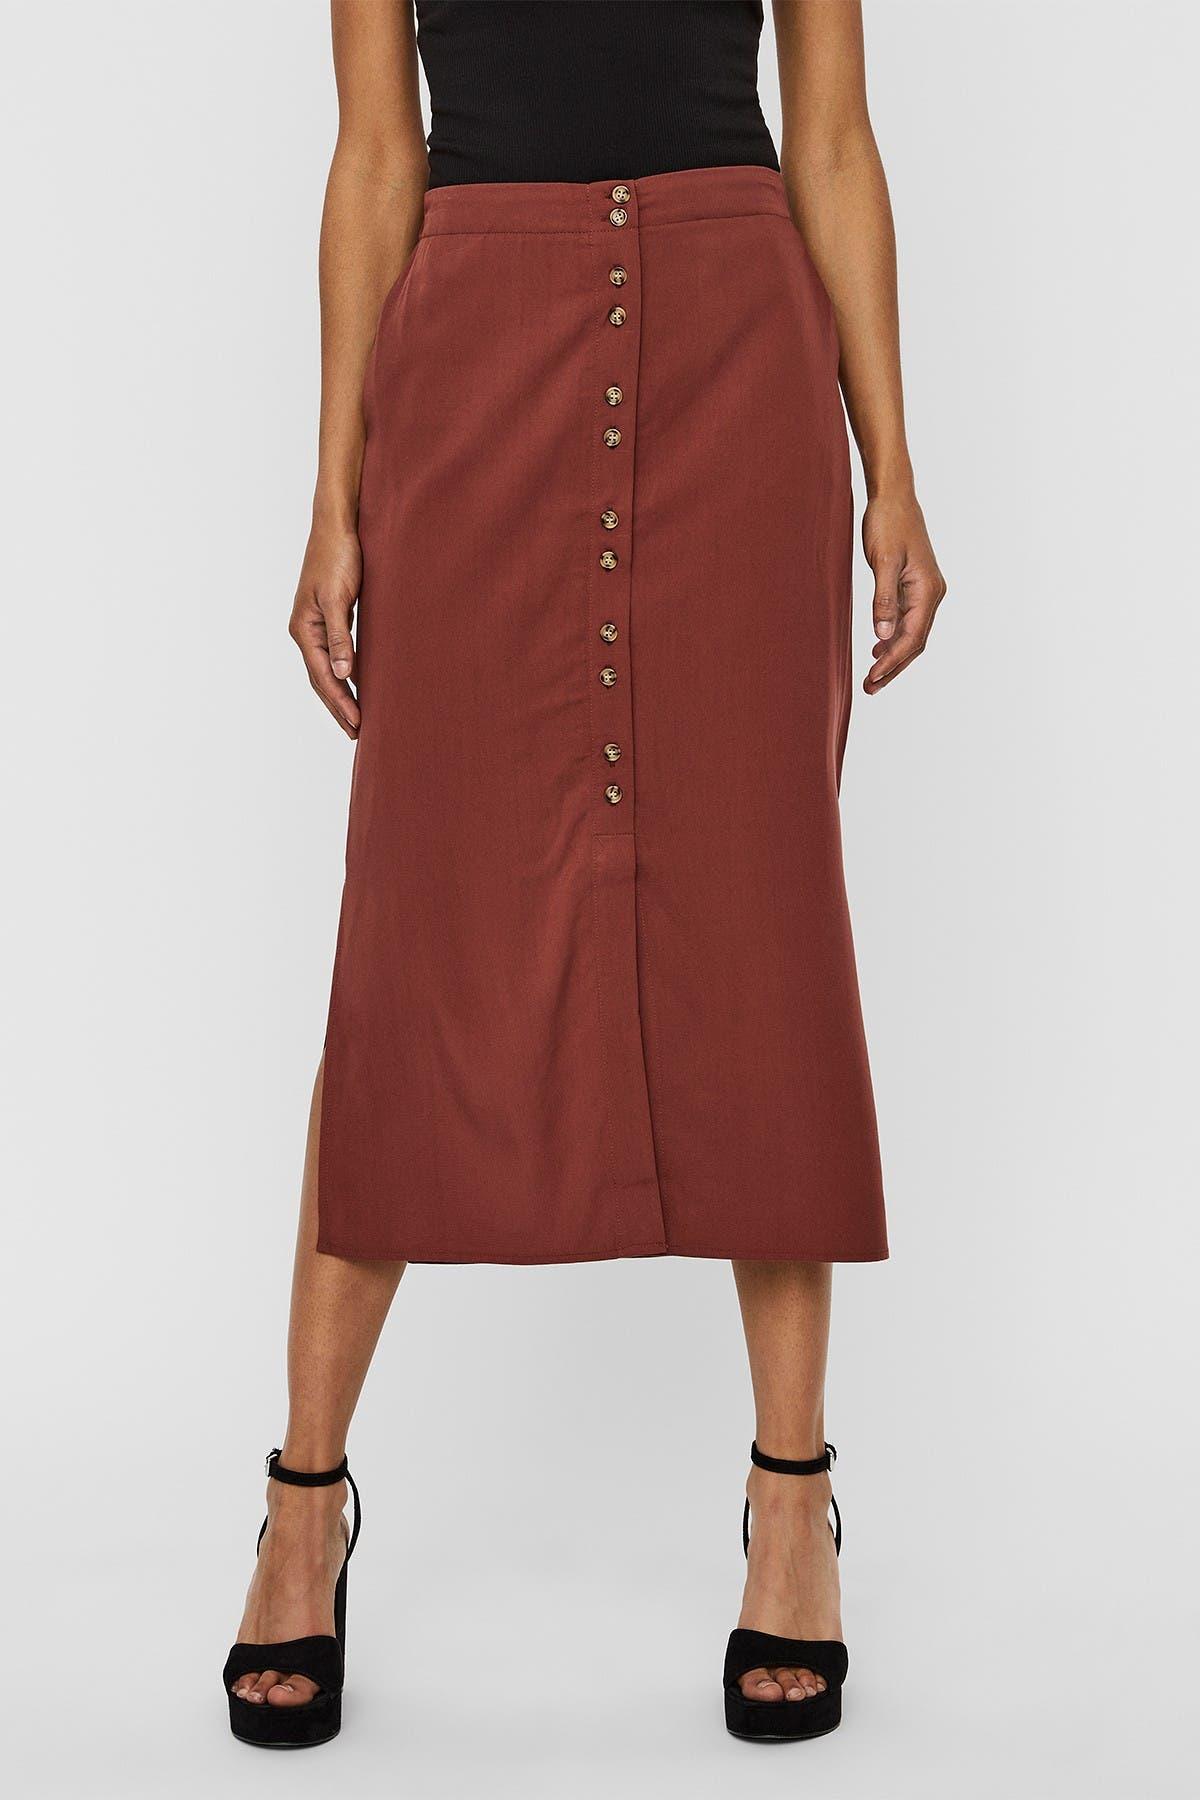 Vero Moda vintage white linen skirt White knee-length skirt with front and back pockets Size 8 US skirt Size 38 EUR skirt